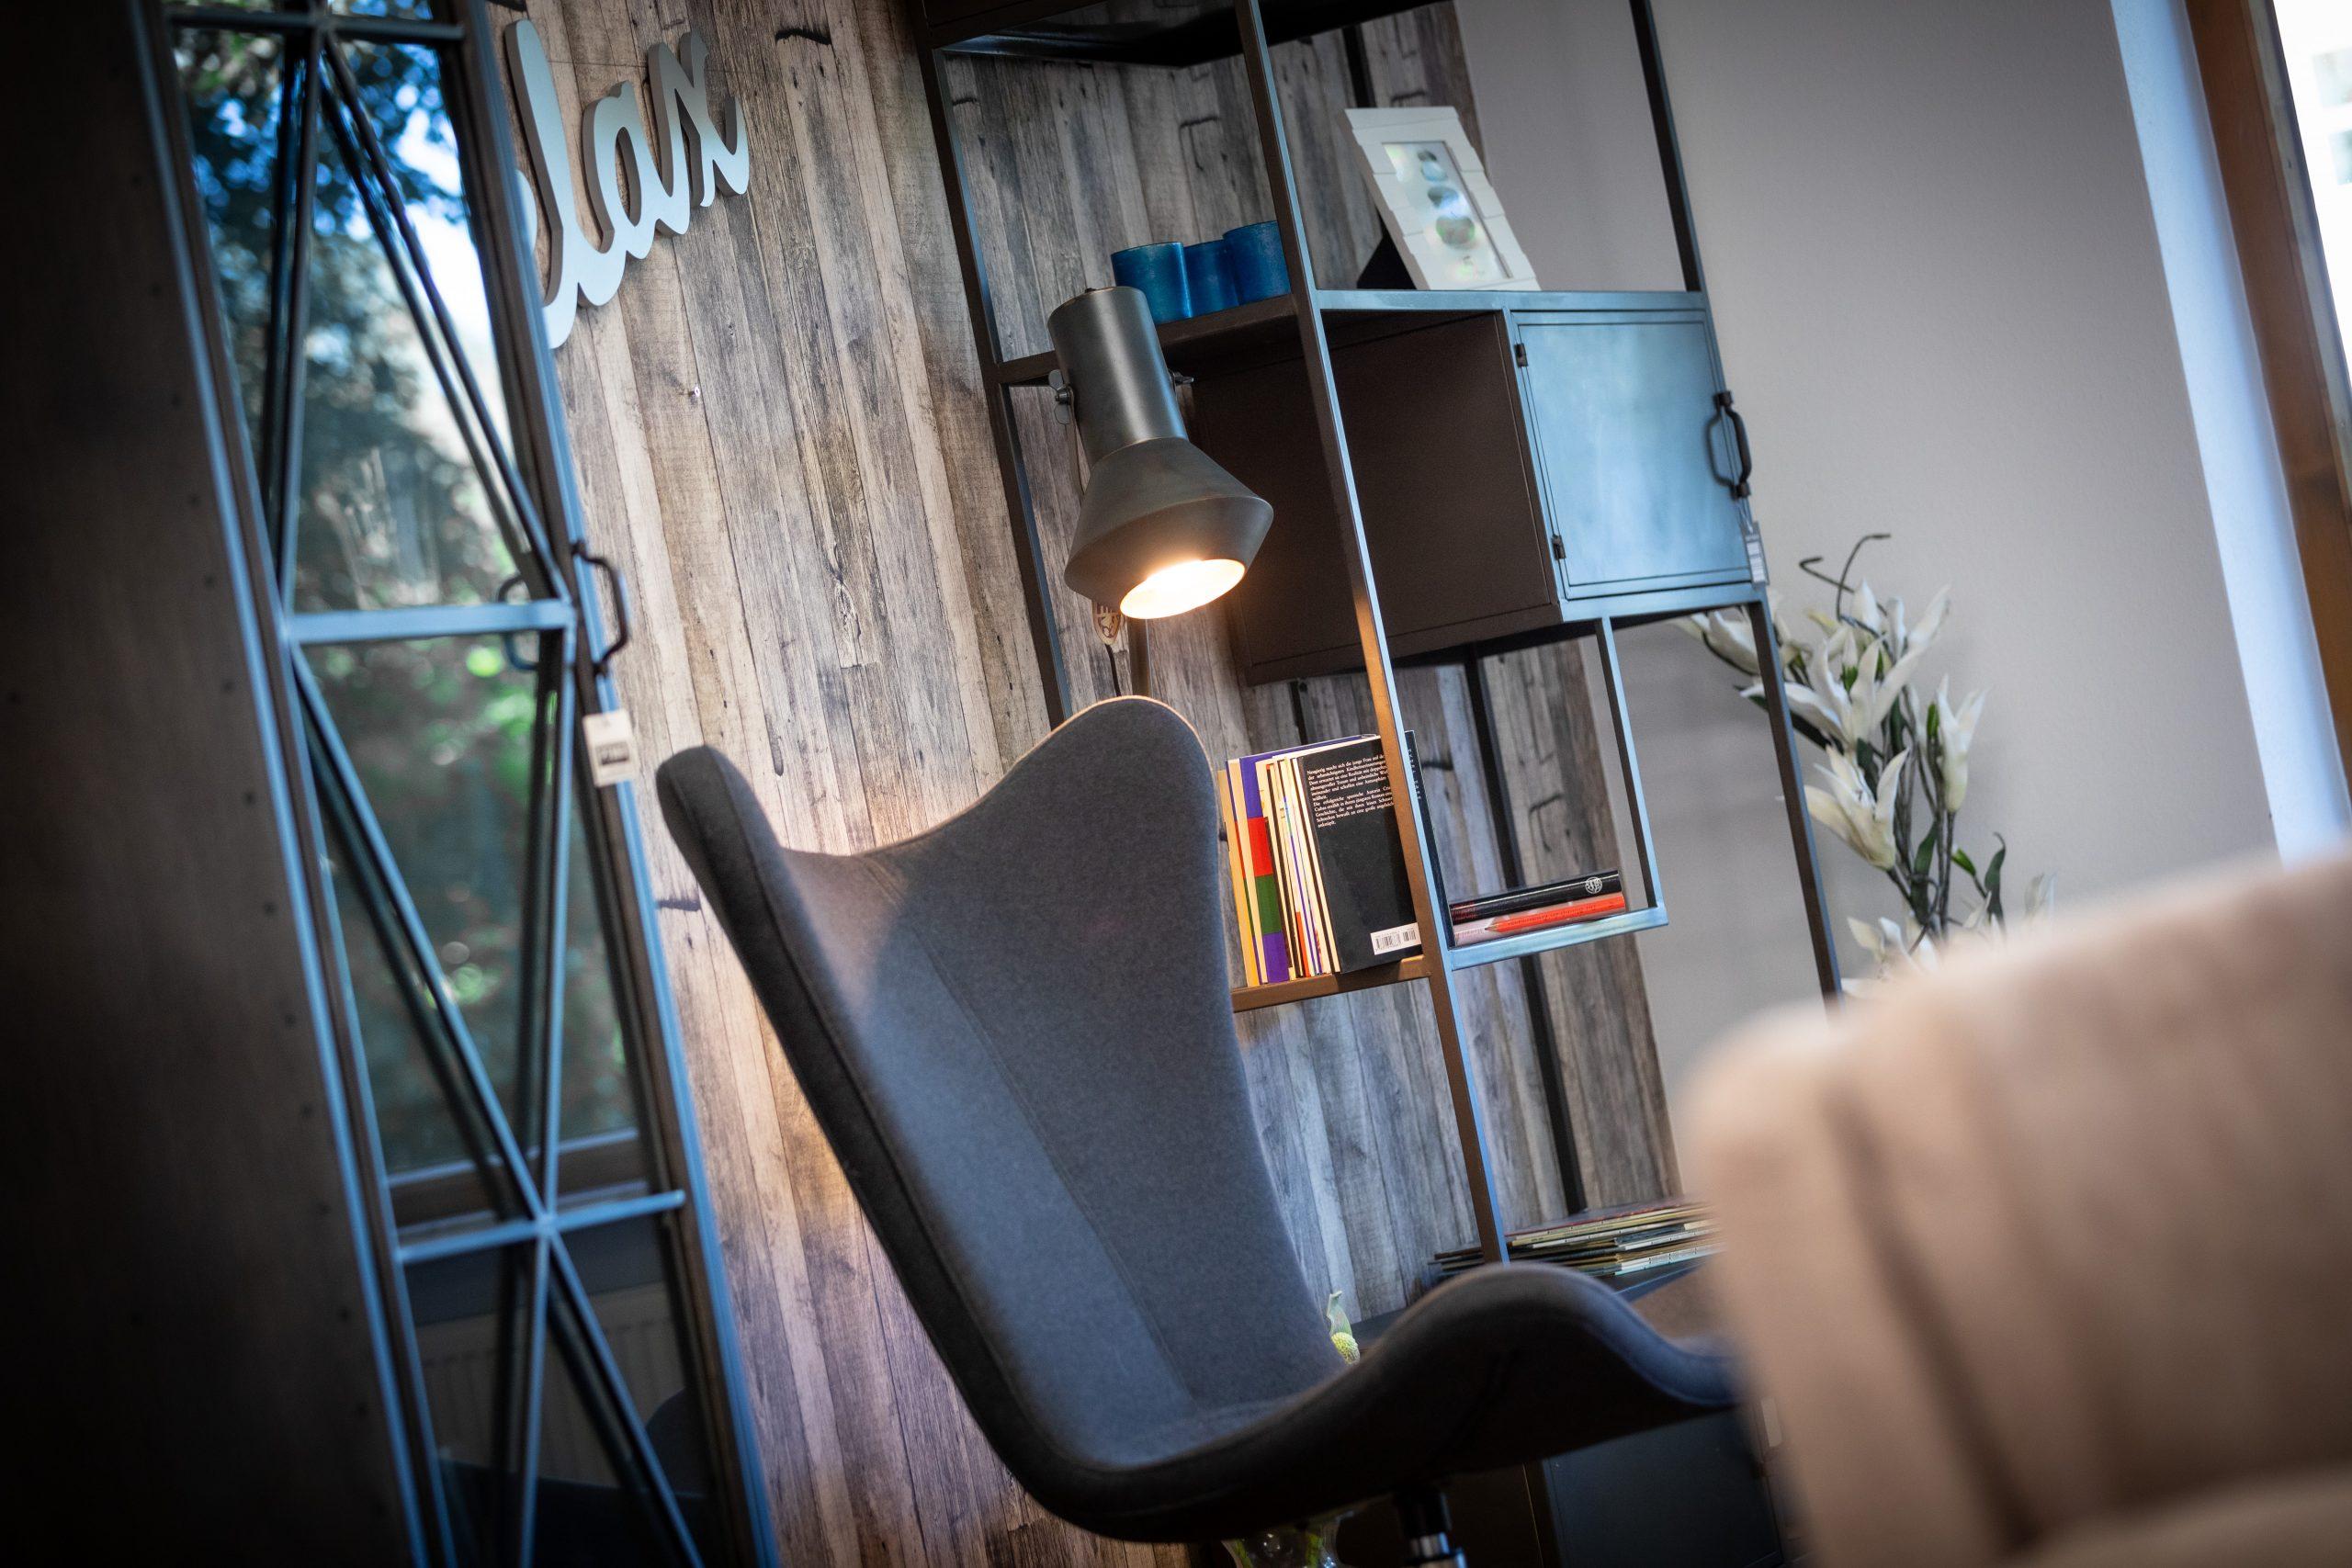 Modernes Zimmer mit Möbel aus Metall